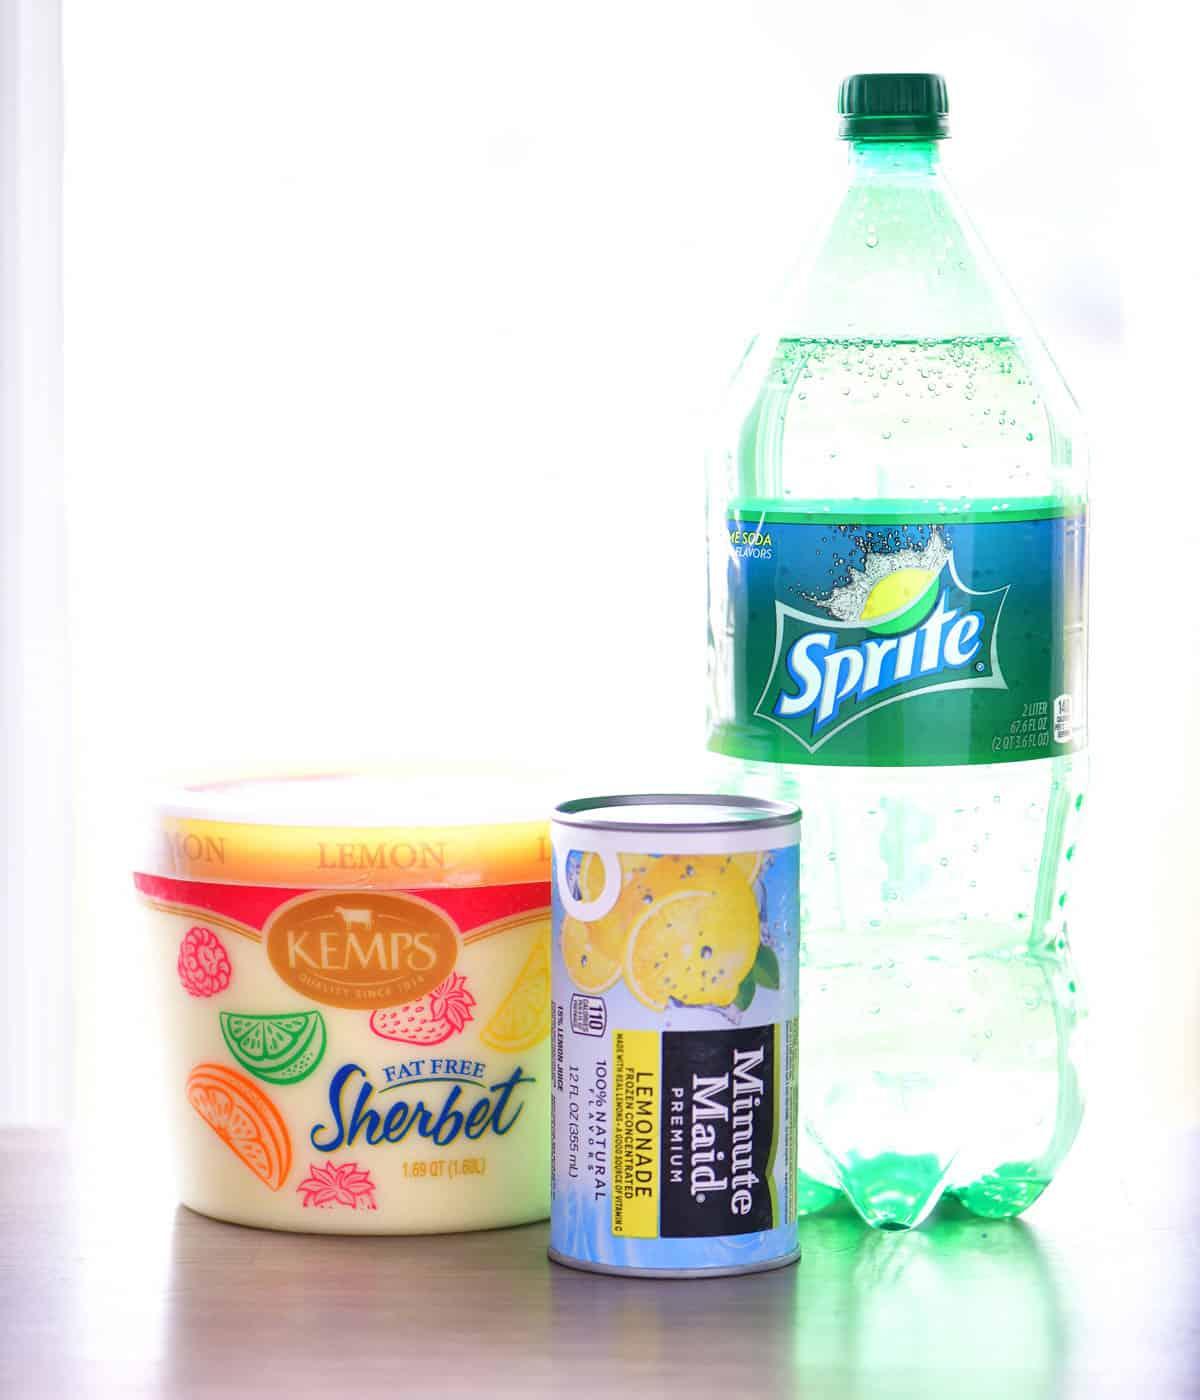 lemon sherbet, lemonade concentrate, lemon-lime soda for lemon sherbet punch